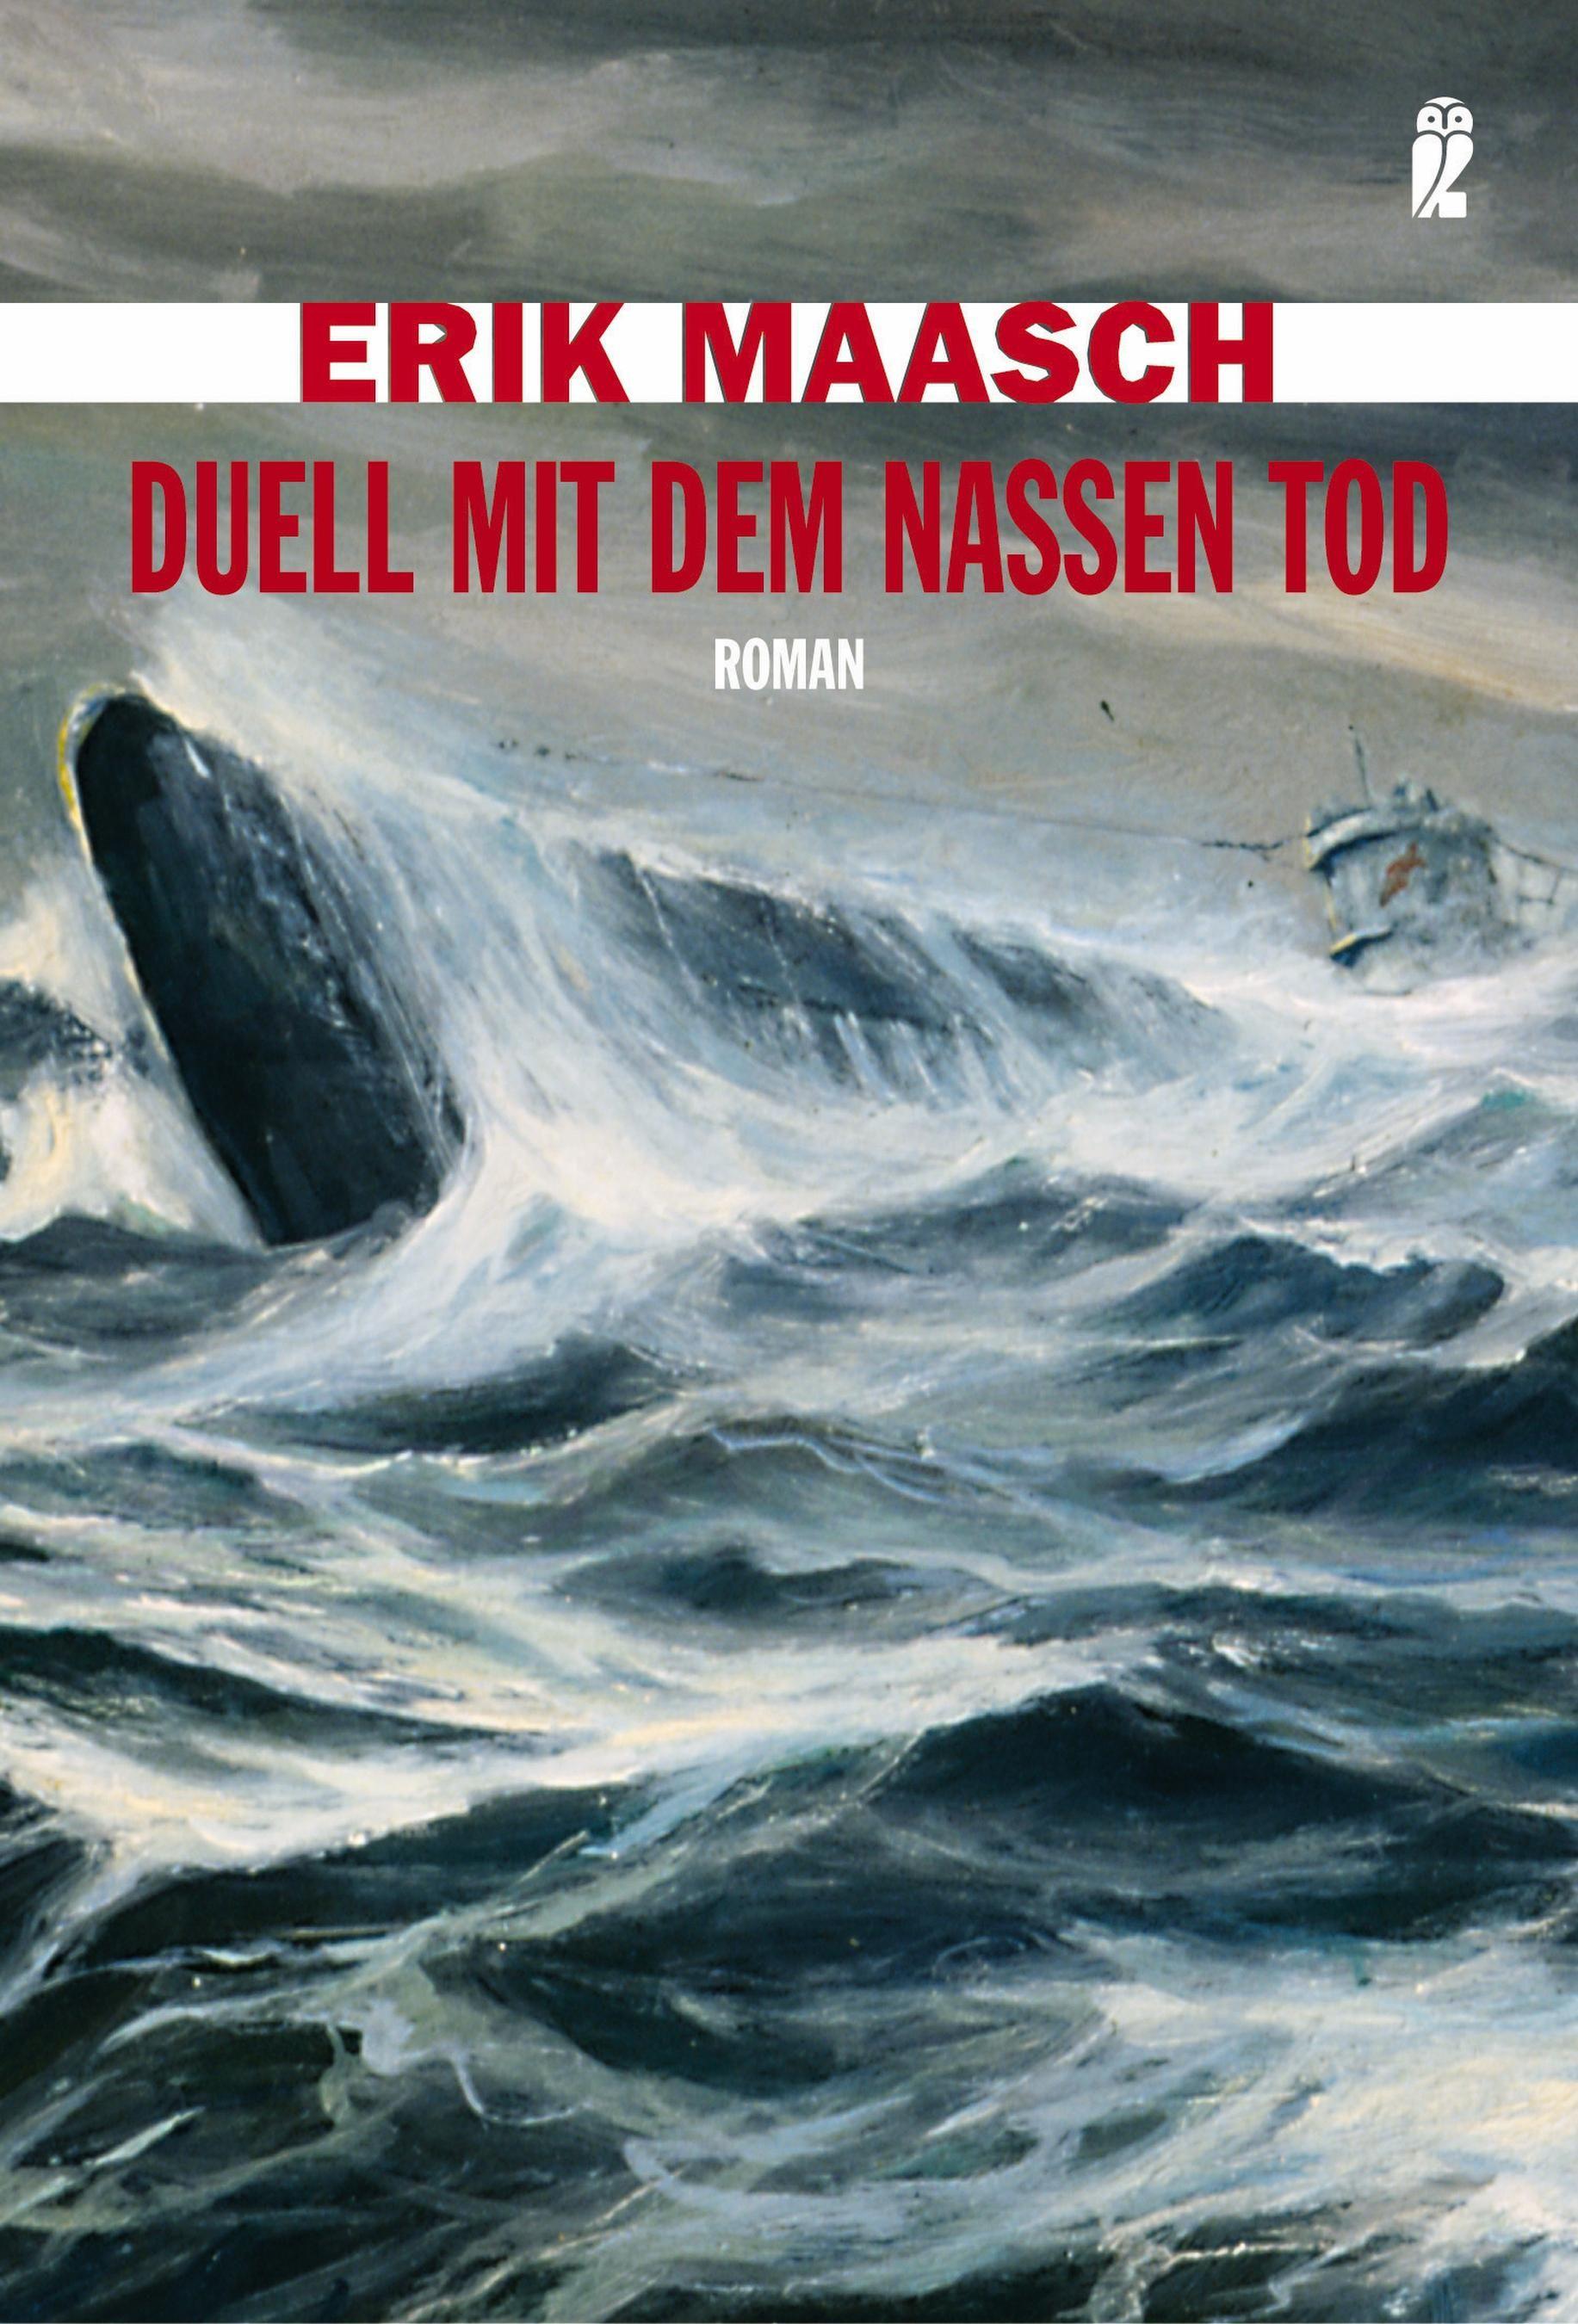 Duell-mit-dem-nassen-Tod-Erik-Maasch